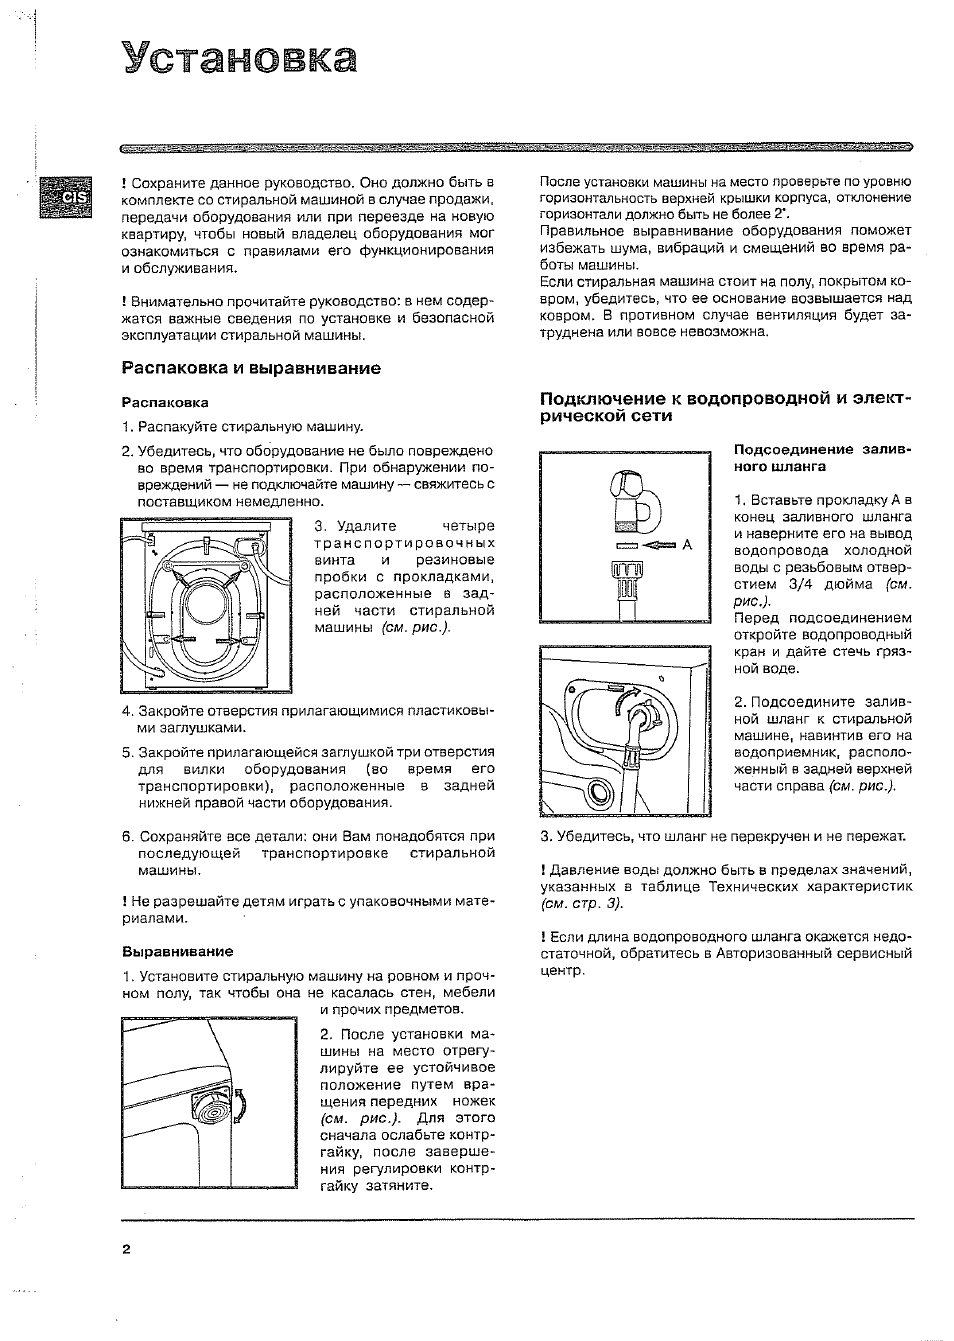 Установка, Распаковка и выравнивание, Подключение к водопроводной и электрической сети